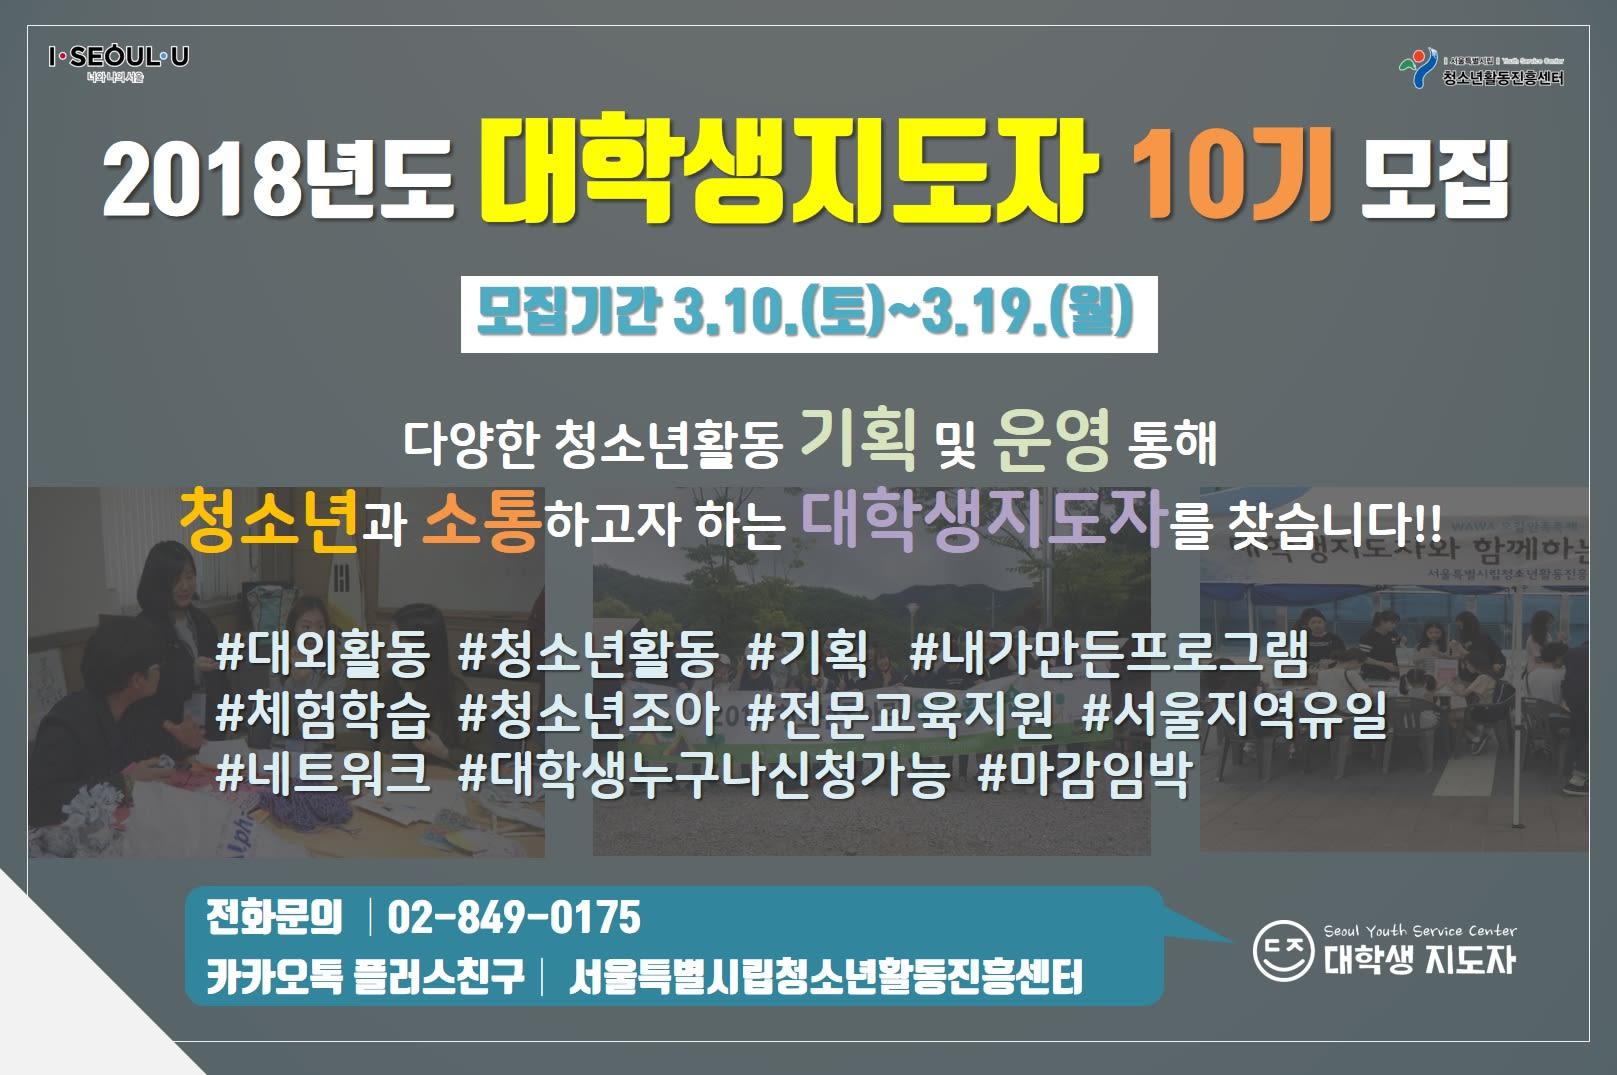 [서울특별시립청소년활동진흥센터] 대학생지도자 모집